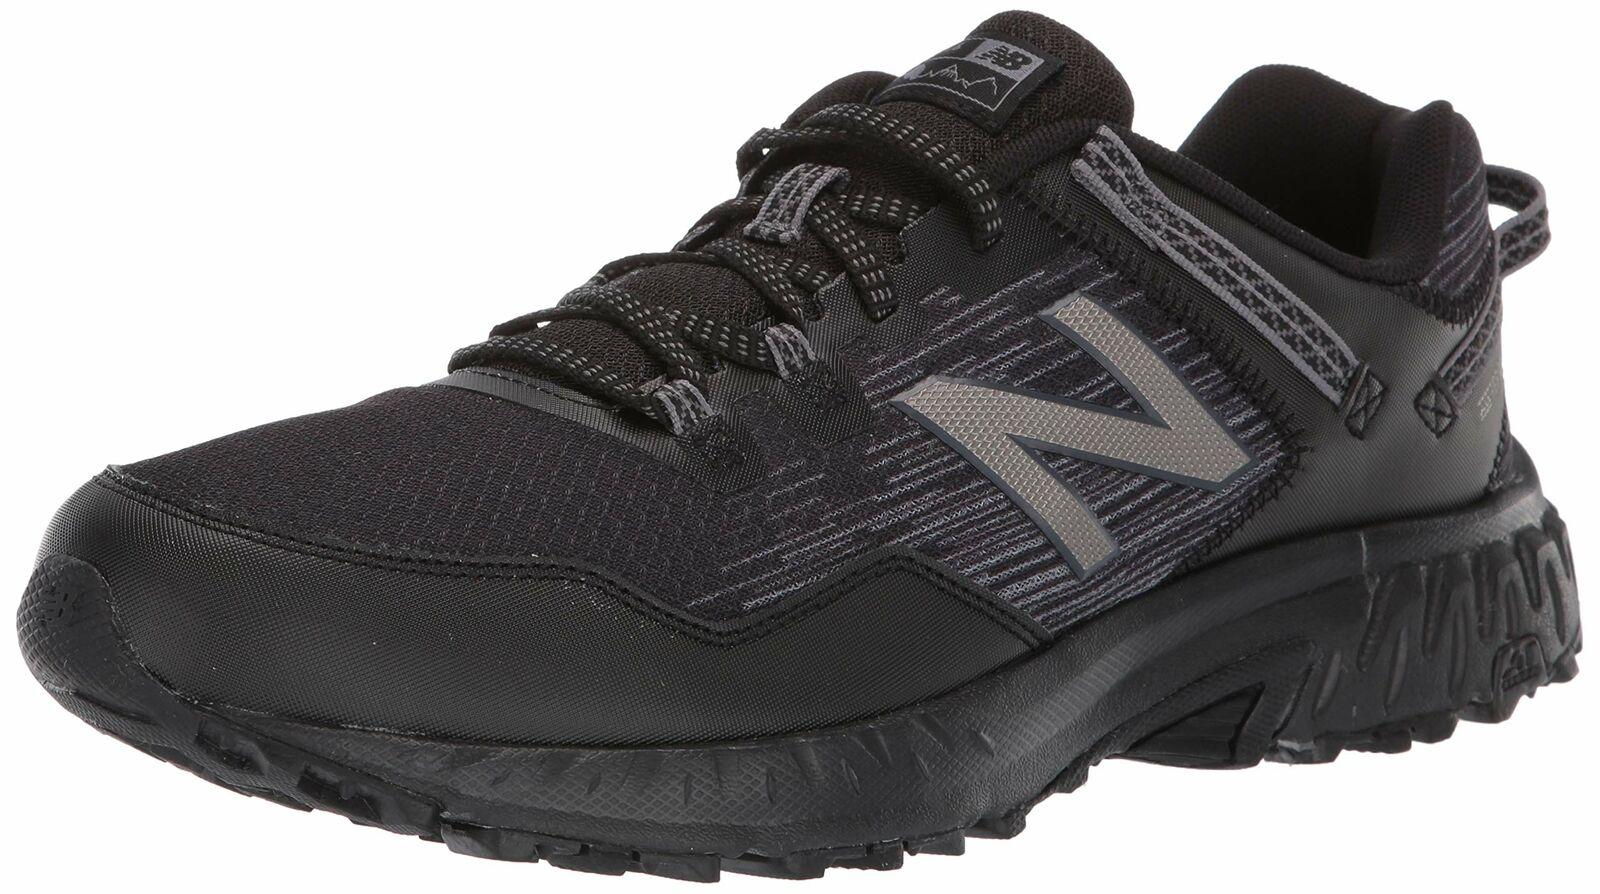 Para Hombre 410v6 amortiguación New Balance Trail Running S-elegir talla Color